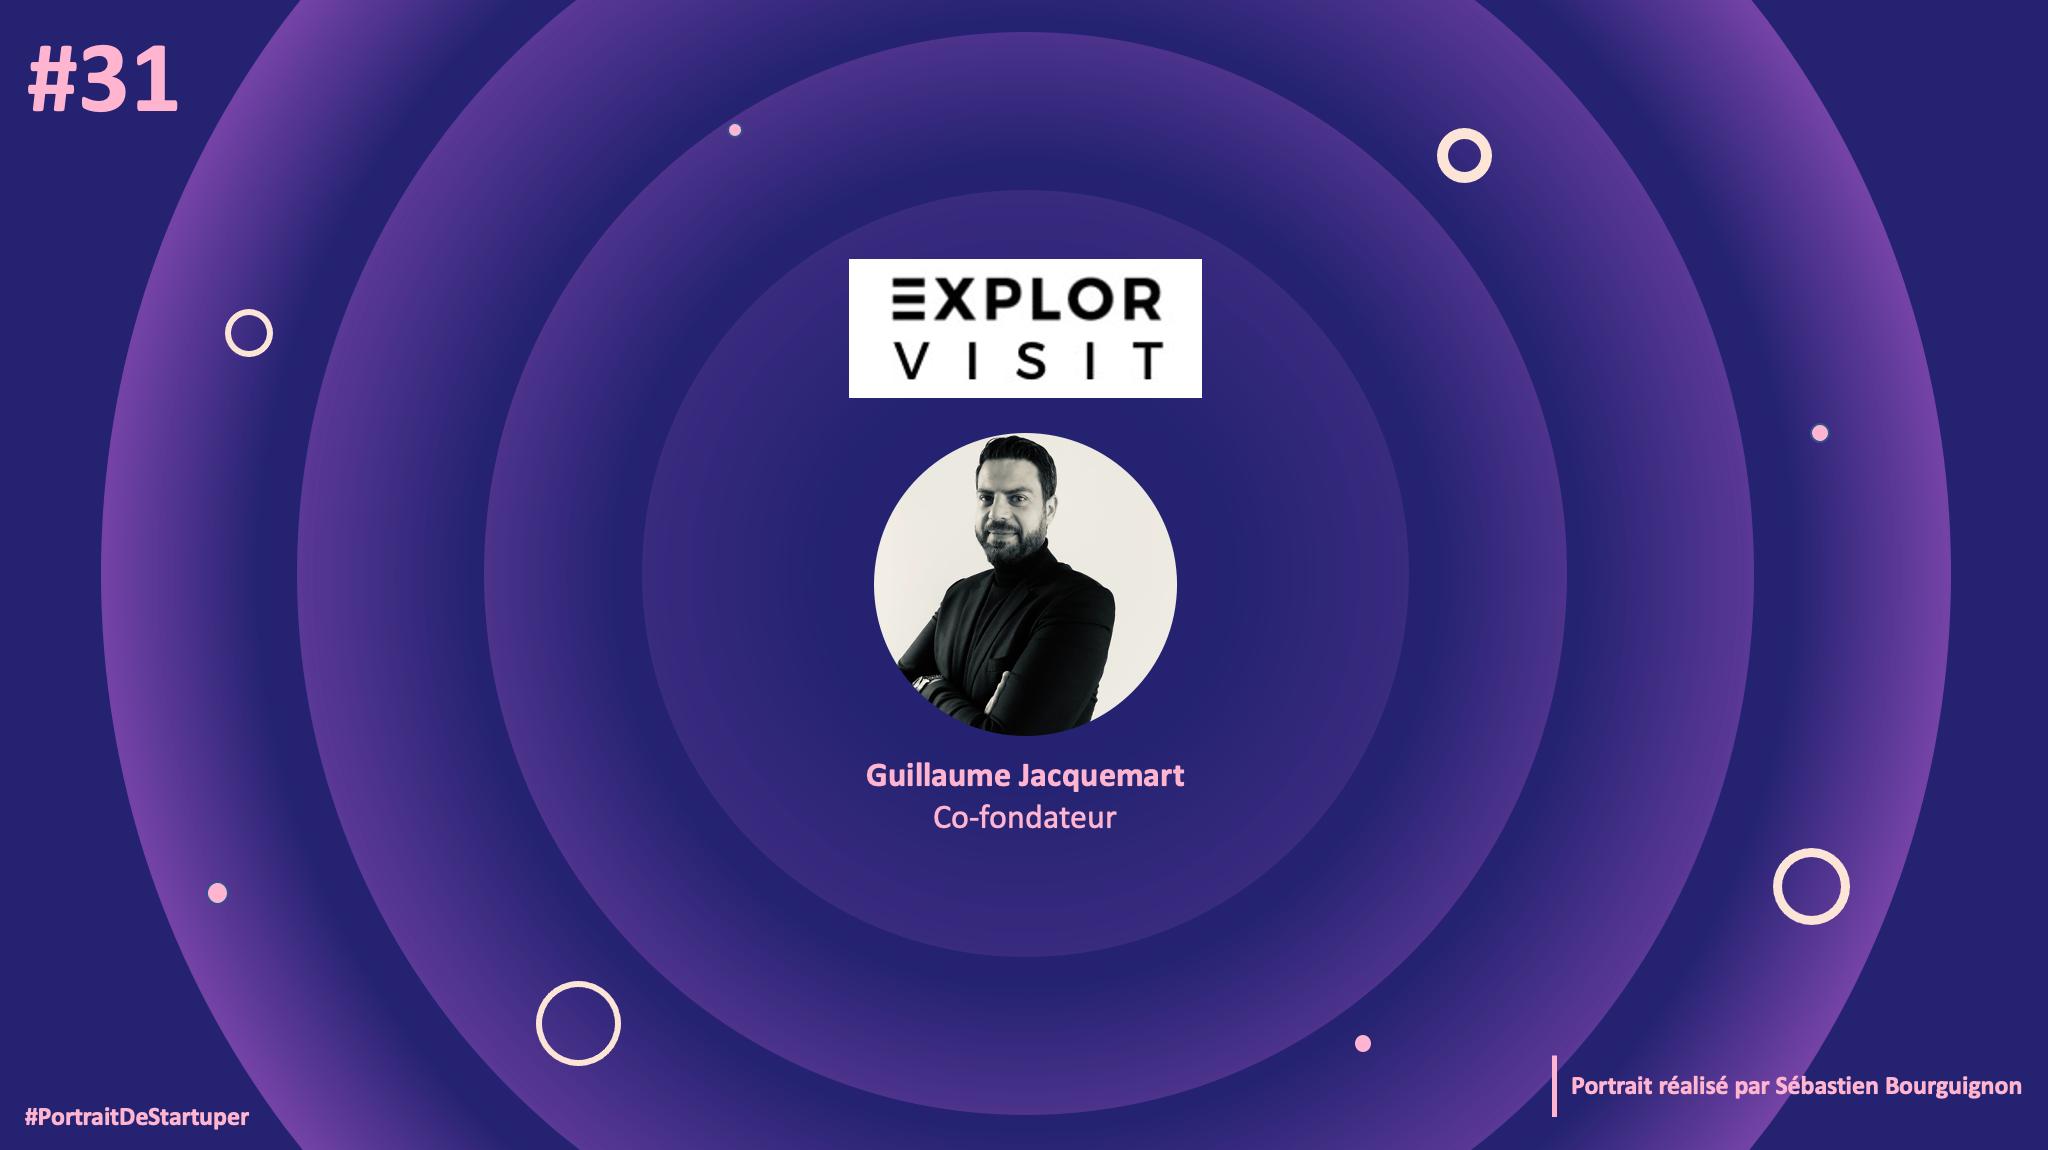 explor visit